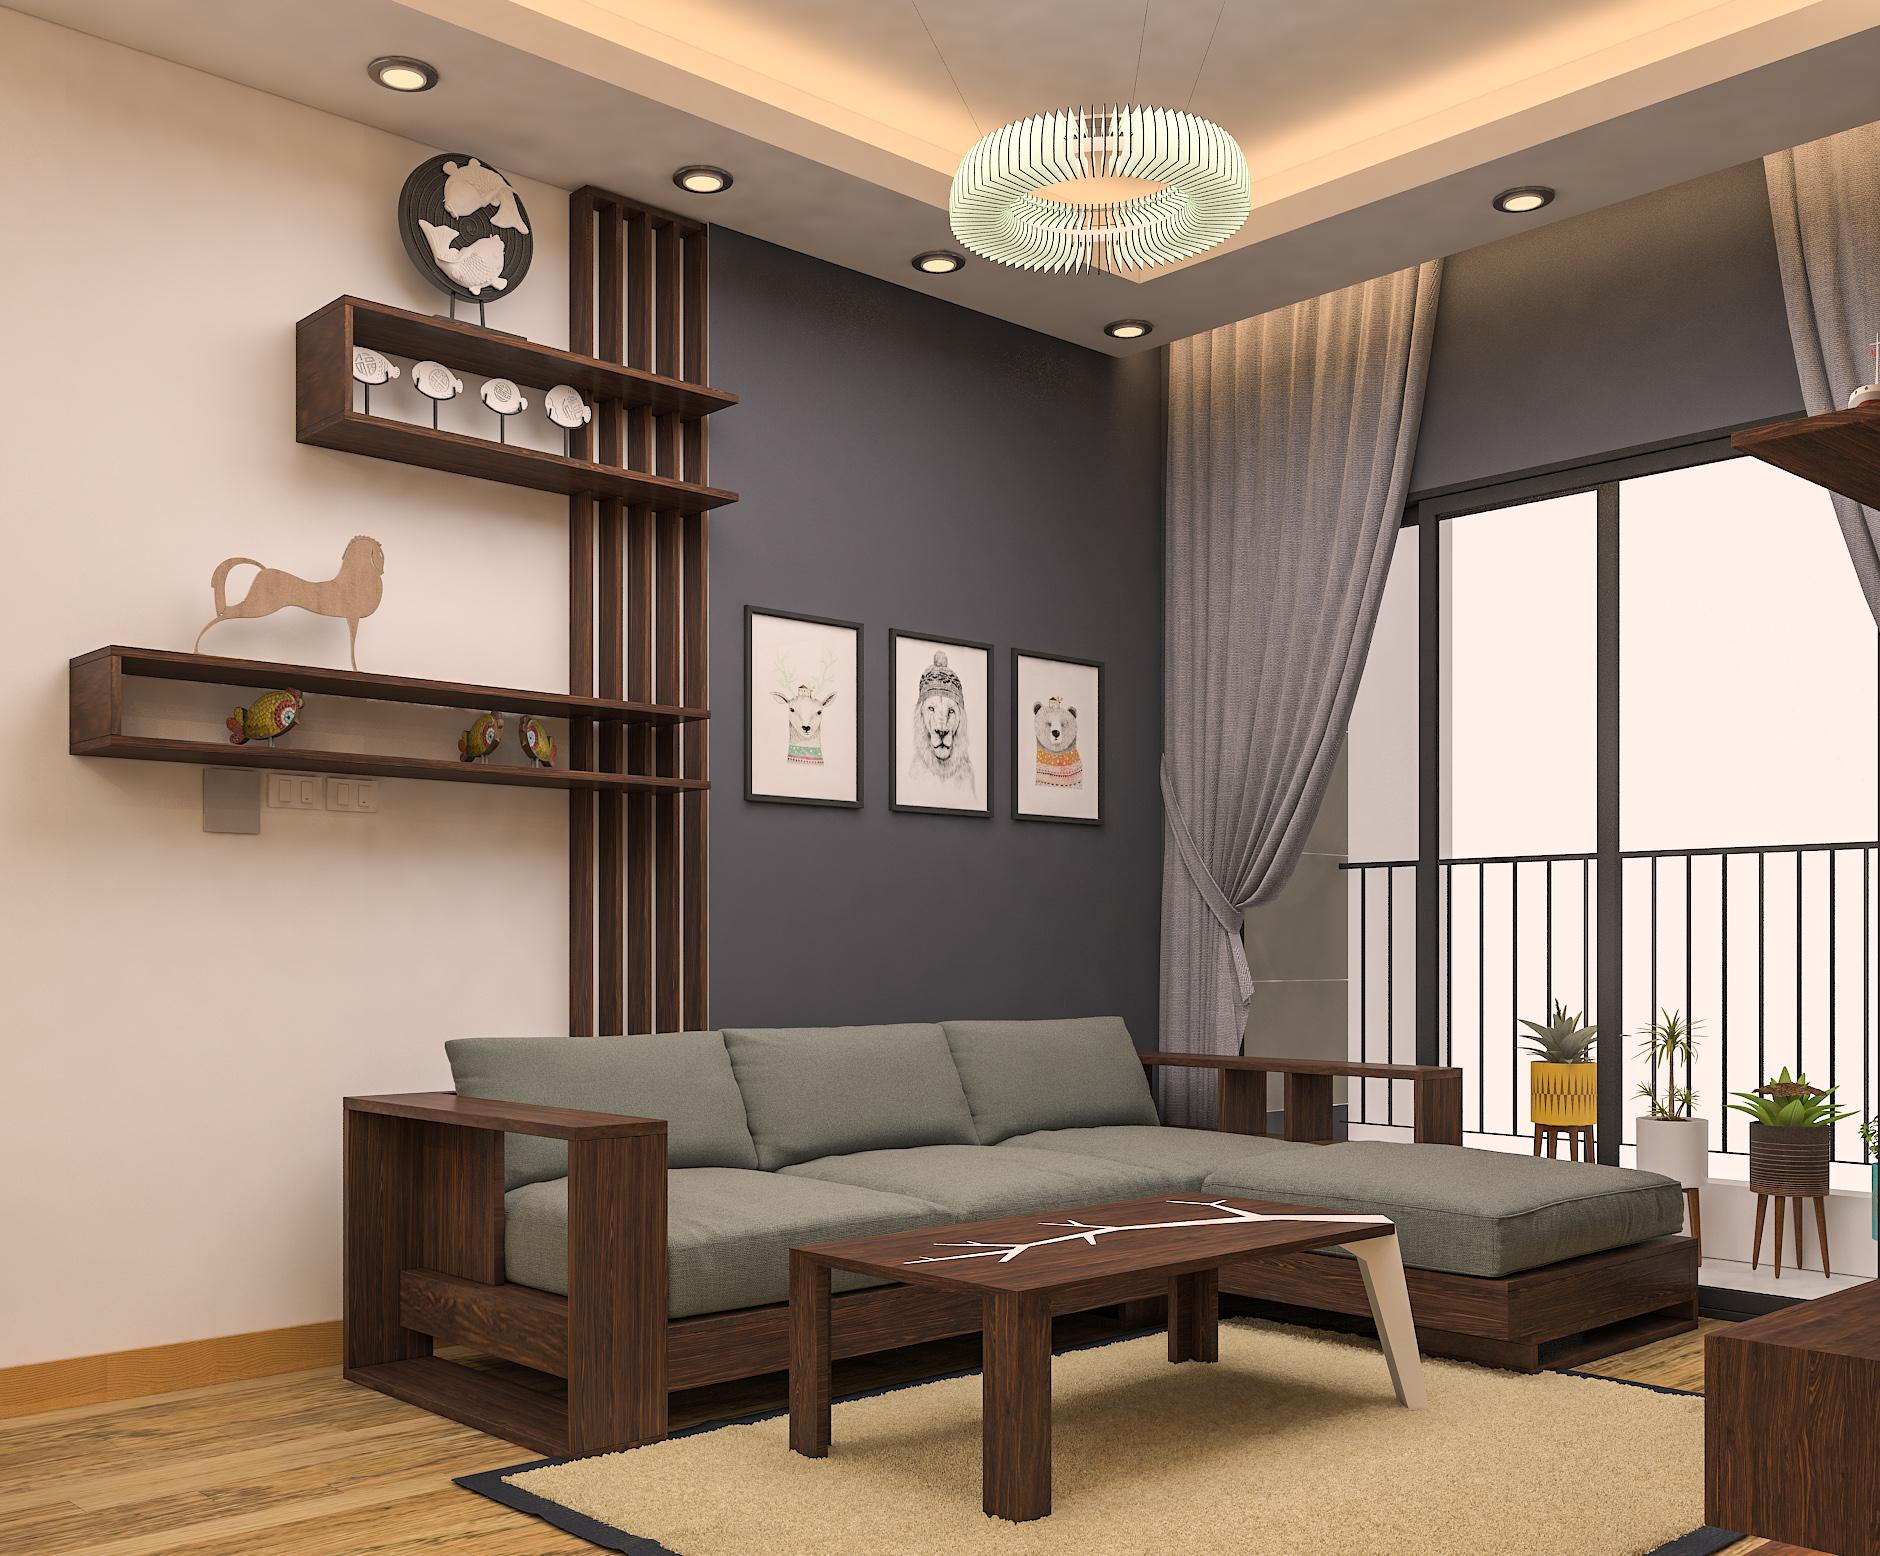 thiết kế nội thất chung cư tại Hà Nội Nội thất golden west 6 1533866920